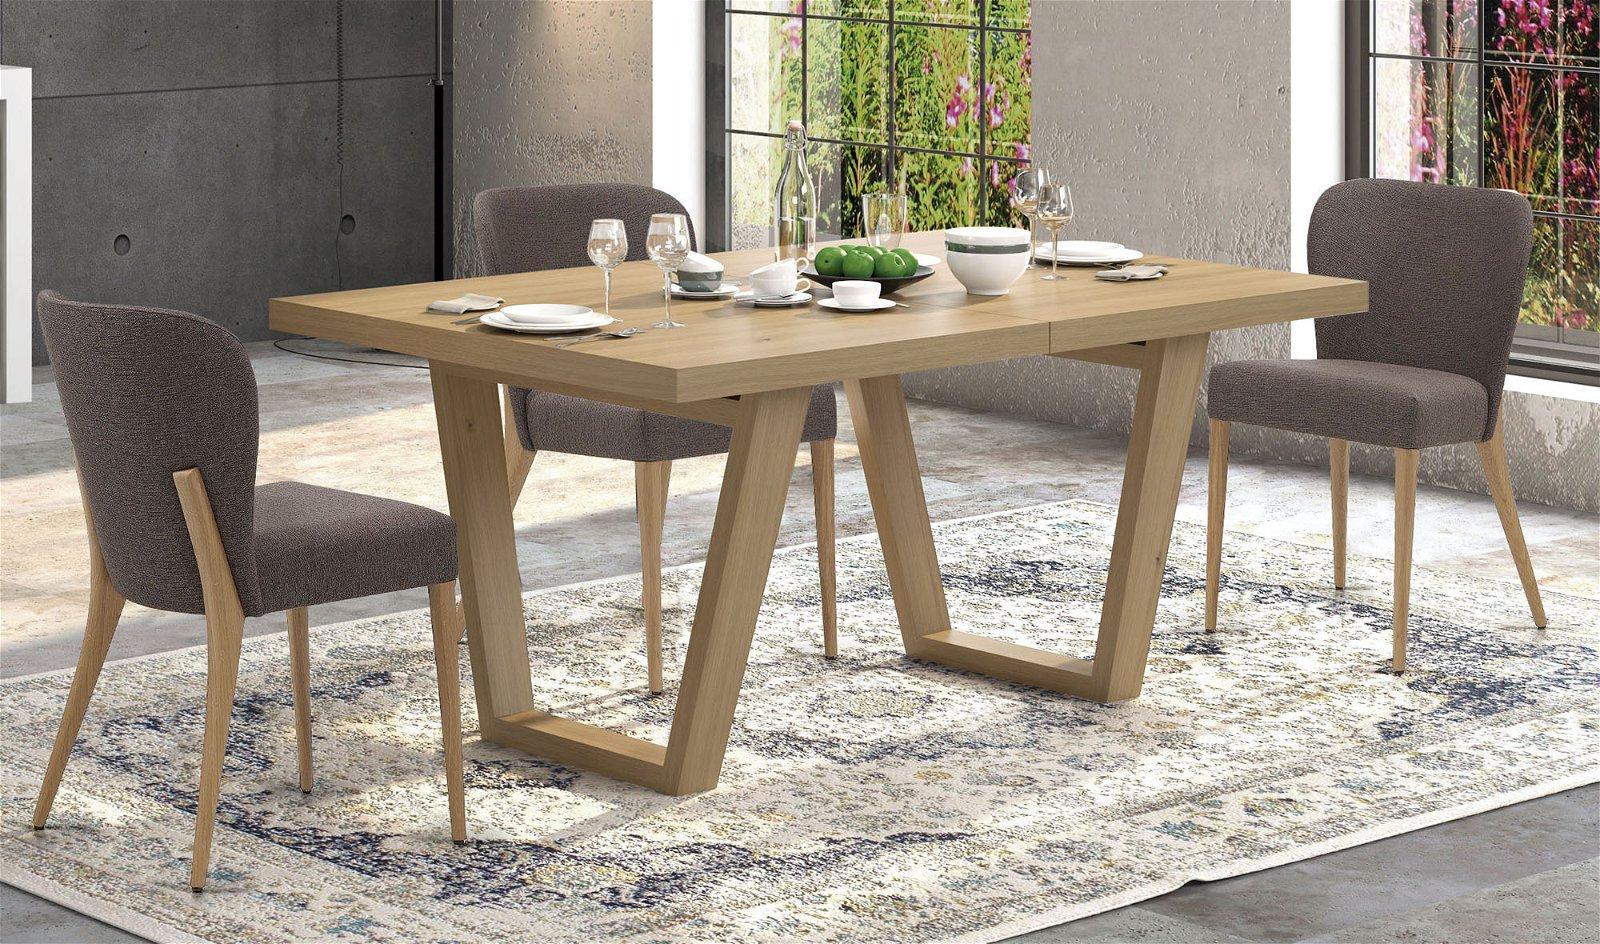 Mesa de comedor extensible nórdica Varat